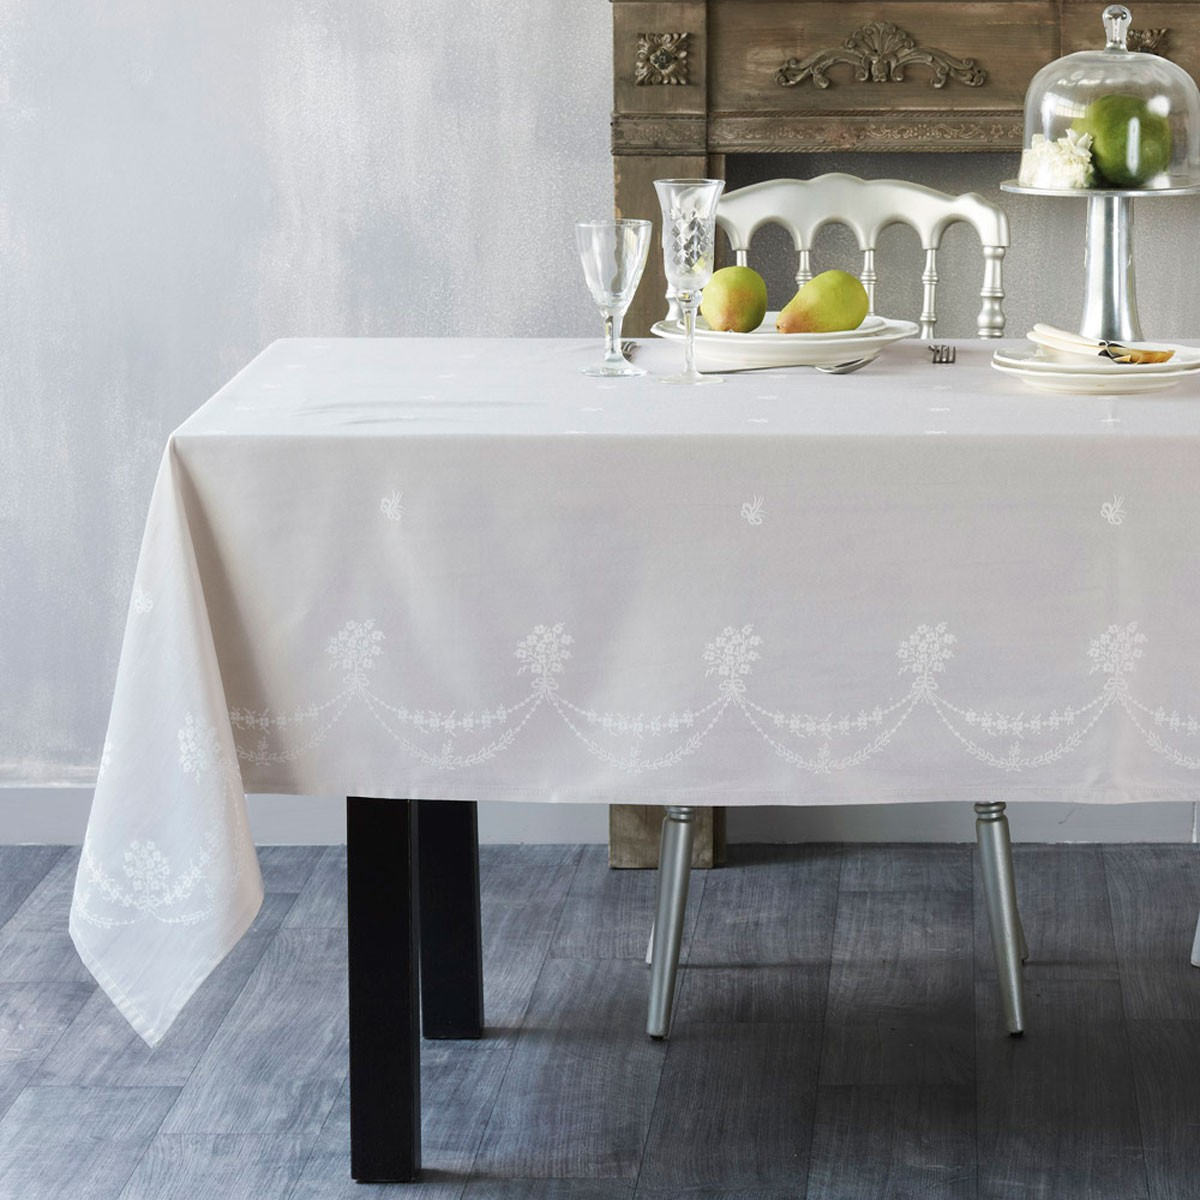 Τραπεζομάντηλο (160×270) Kentia Home Made Lille